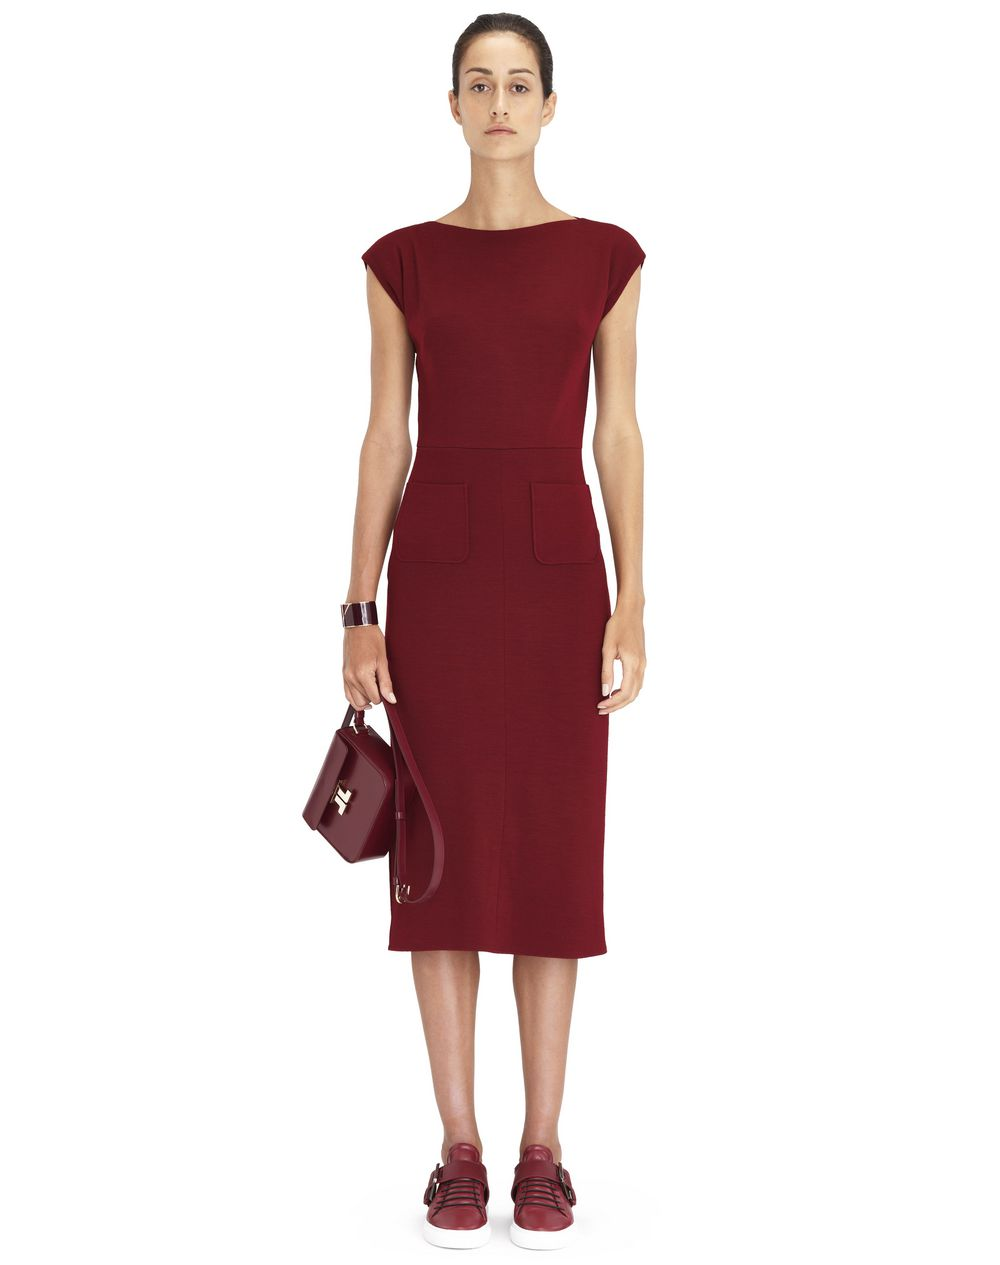 sale retailer ba2b1 59c3f ABITO BORDEAUX IN JERSEY Lanvin, Vestito Donna | Lanvin ...